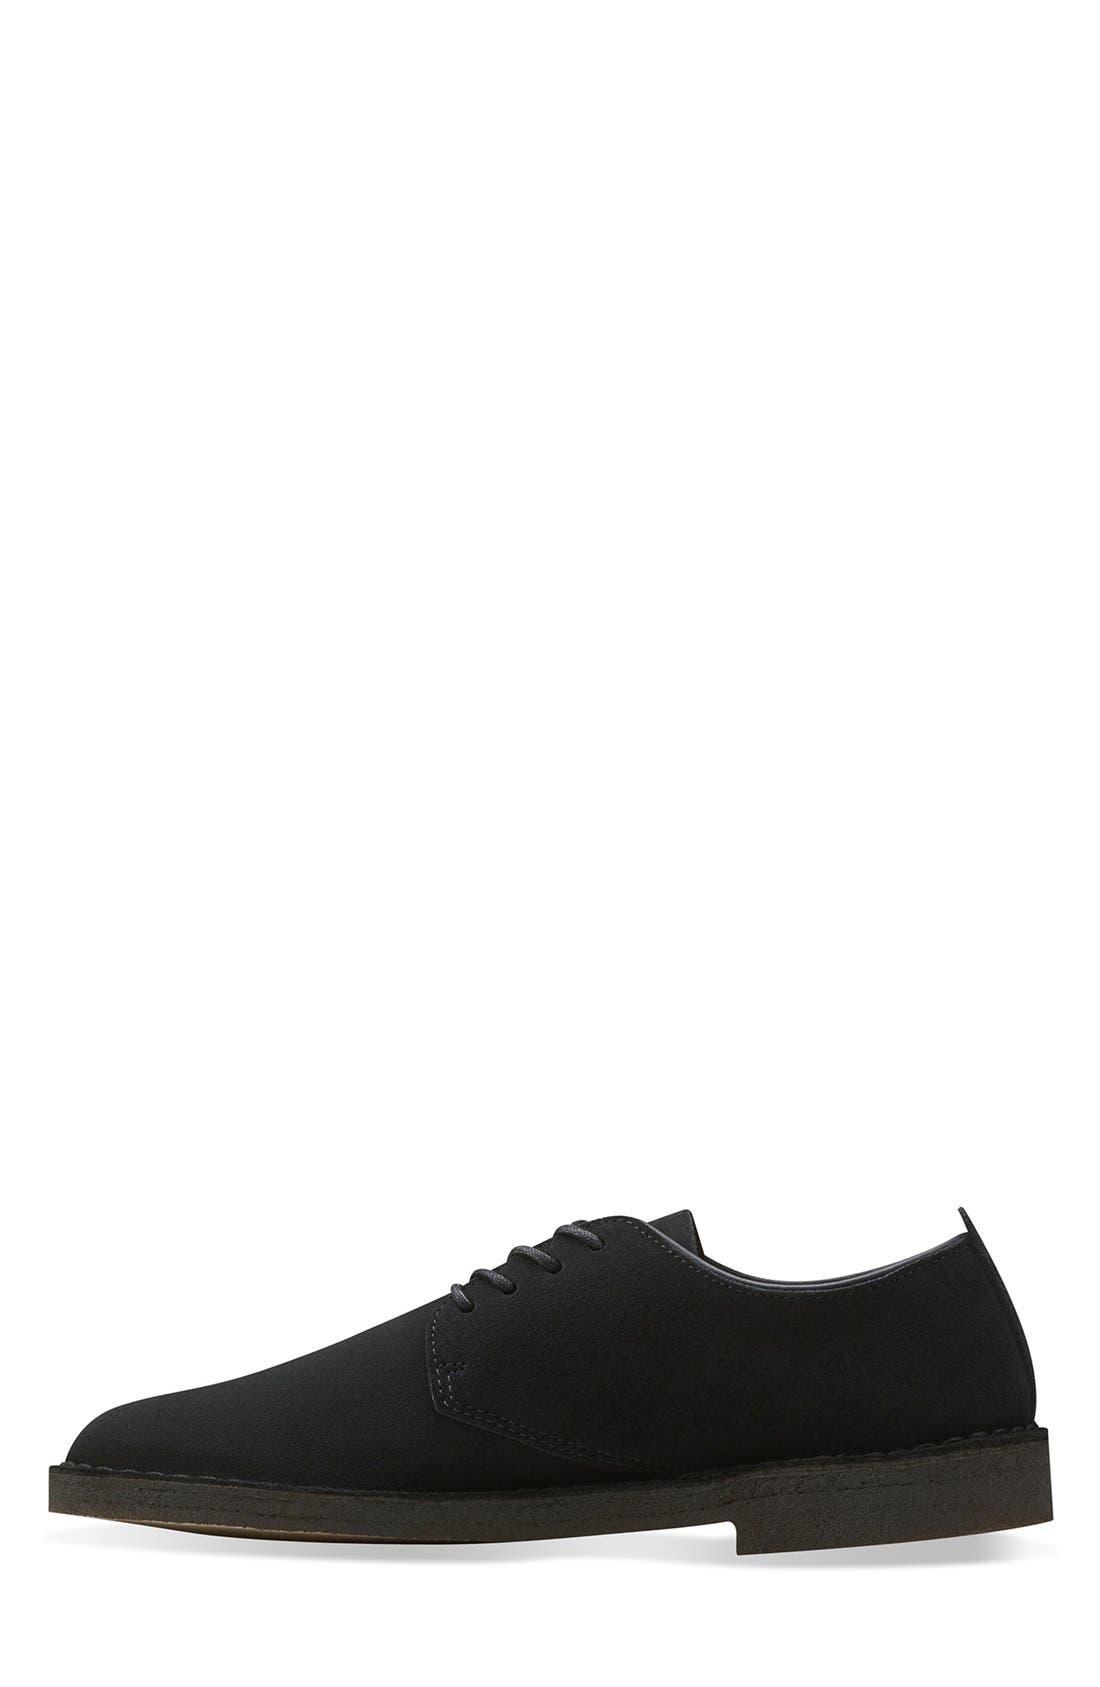 Clarks<sup>®</sup> 'Desert London' Plain Toe Derby,                             Alternate thumbnail 2, color,                             Black Suede